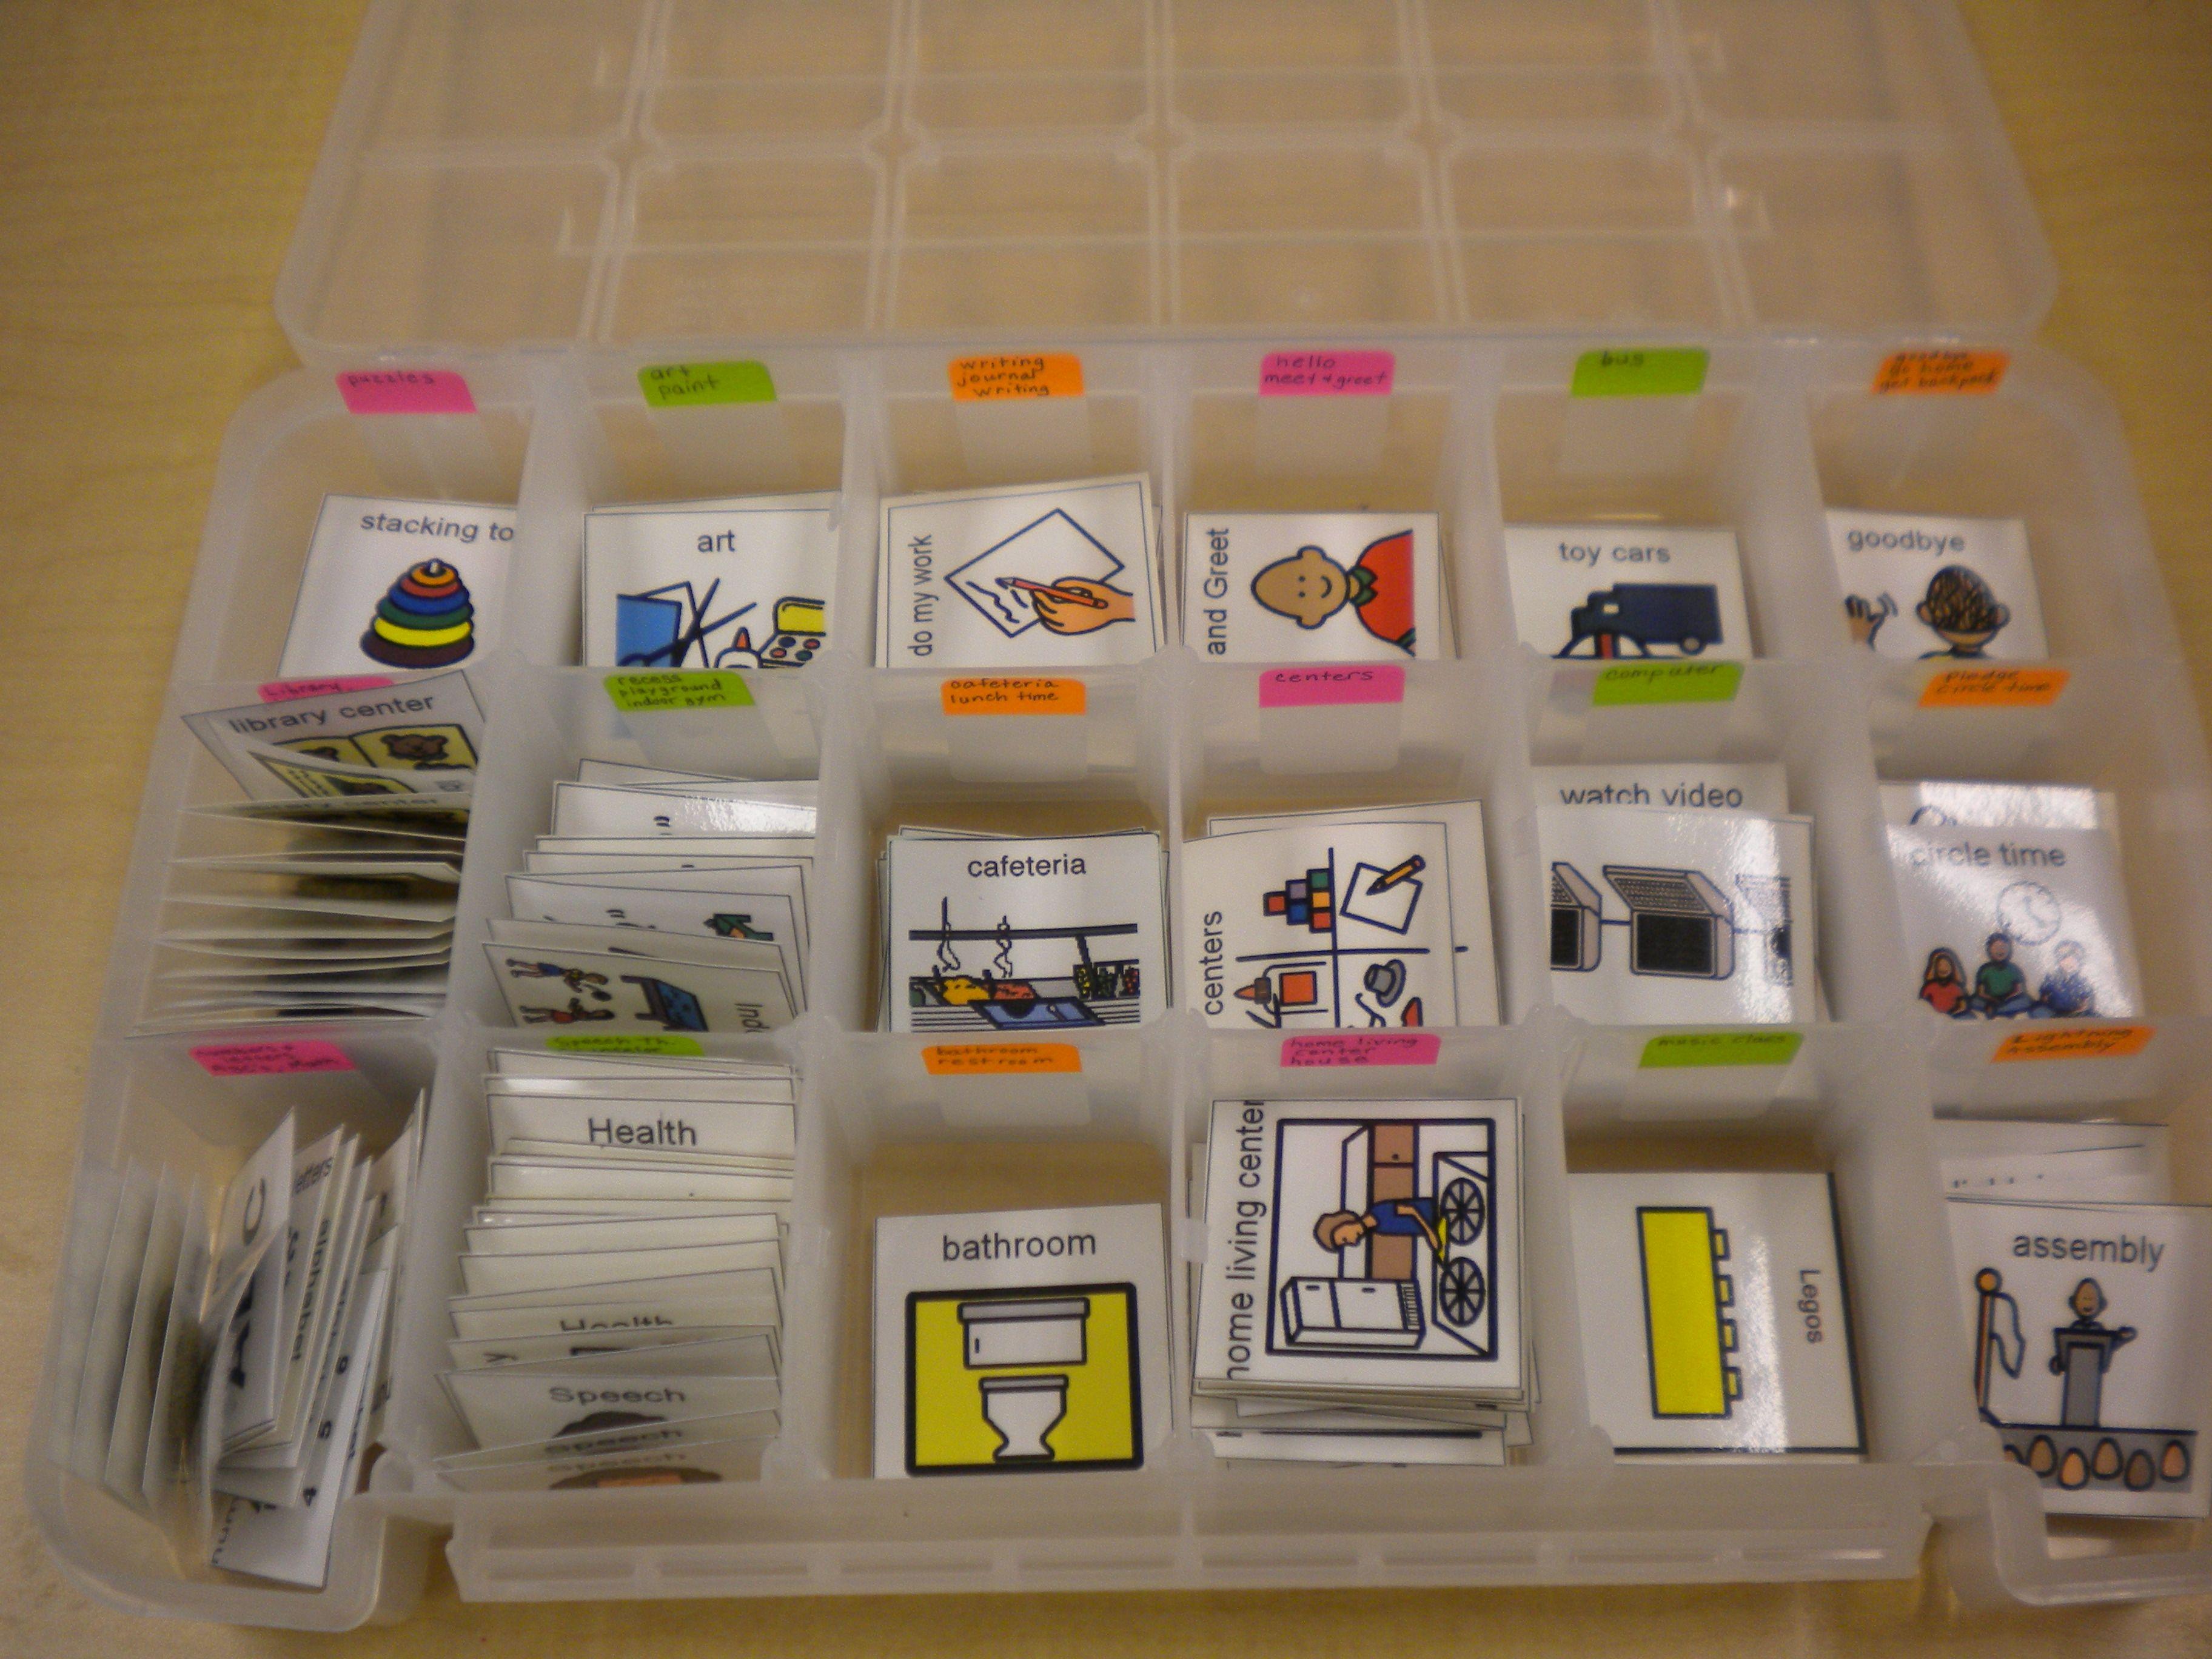 туалет сходить карточки пекс для аутистов фото некоторых местах